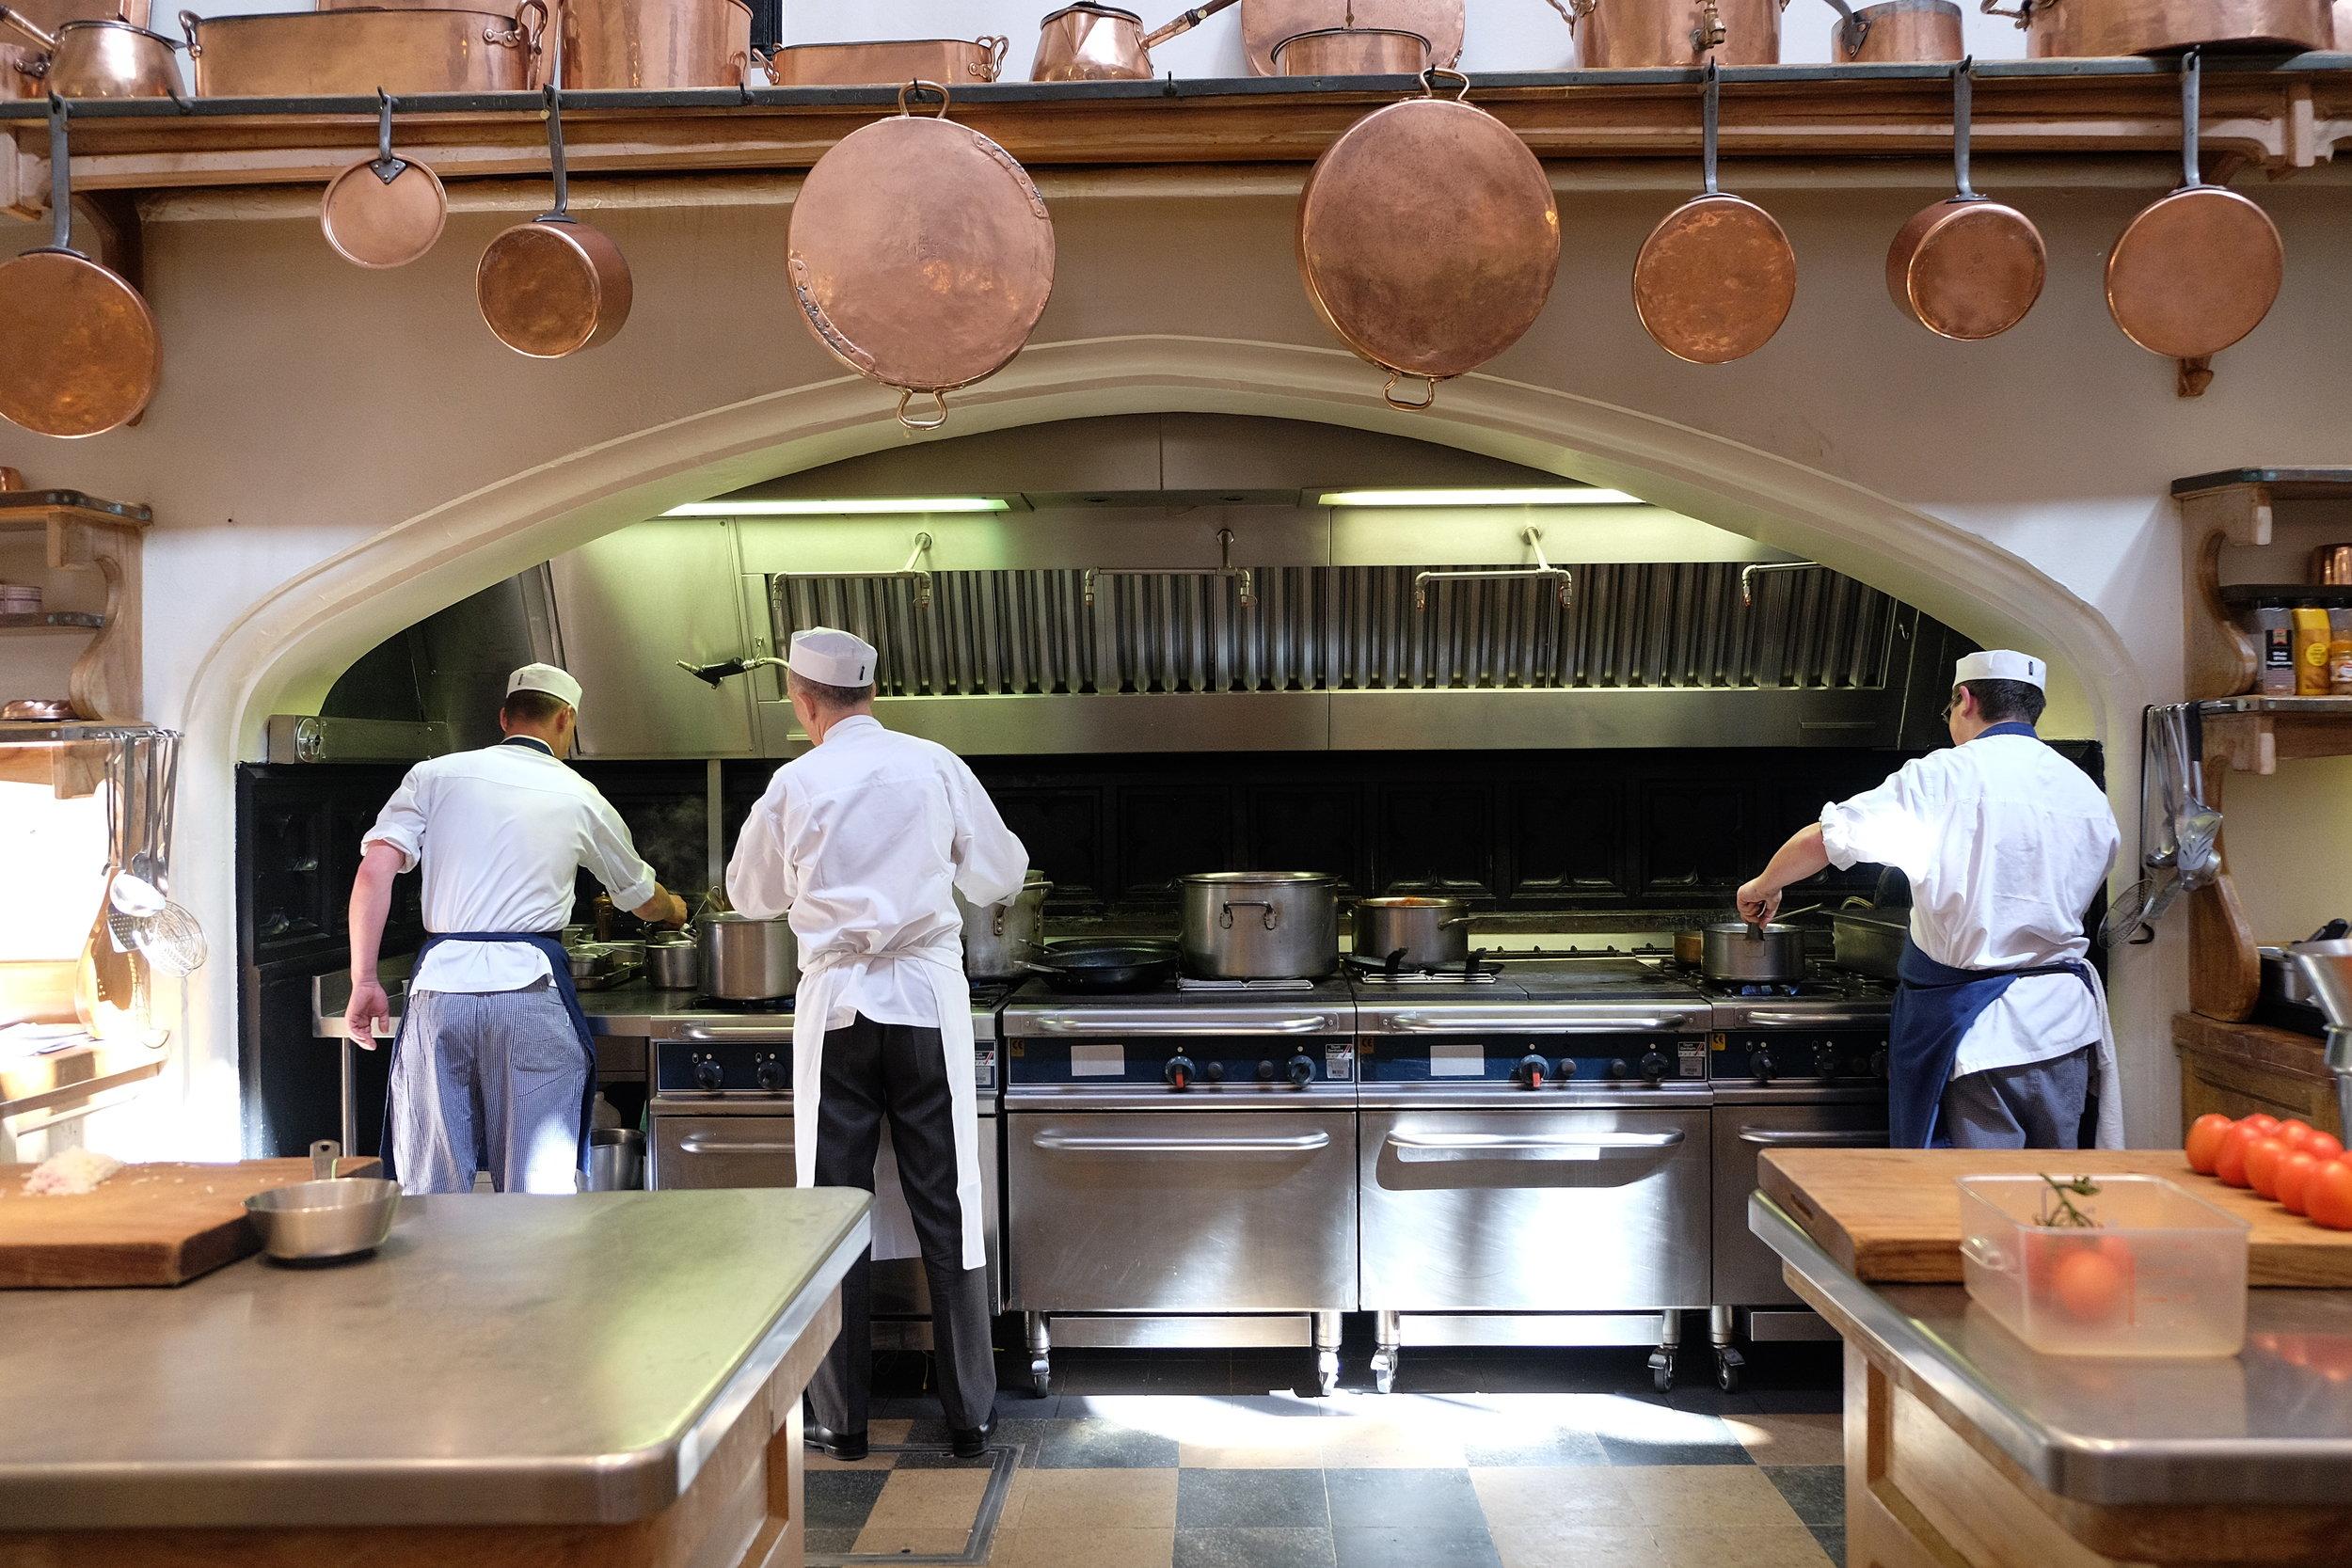 Il personale lavora senza sosta nelle cucine di Windsor per realizzare il banchetto reale.